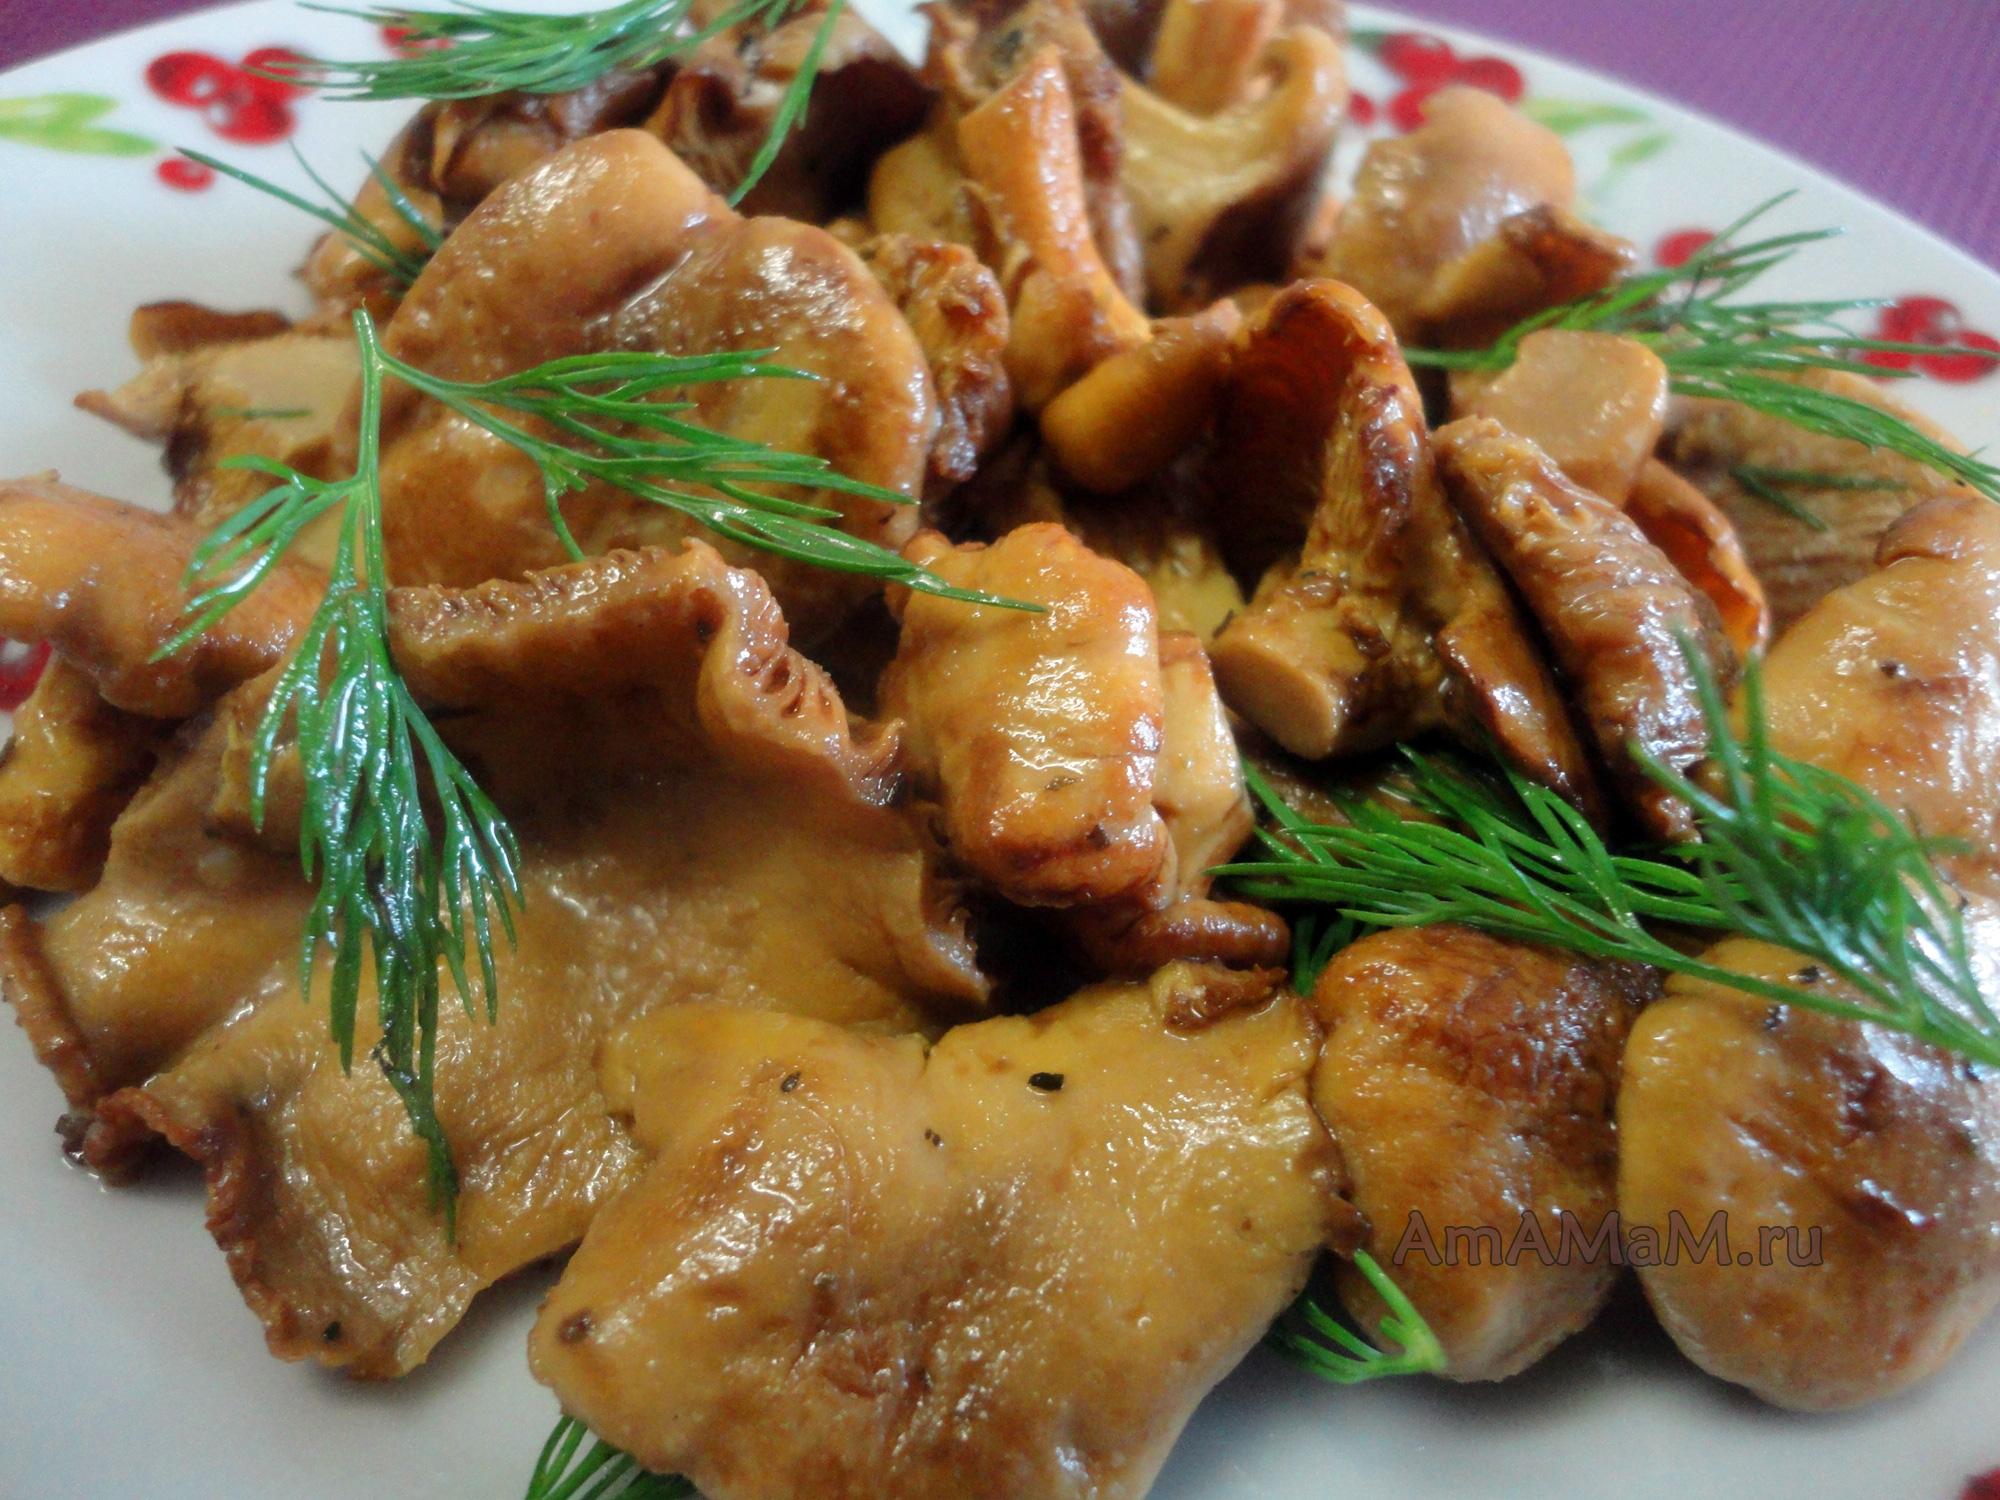 как приготовить грибы лисички